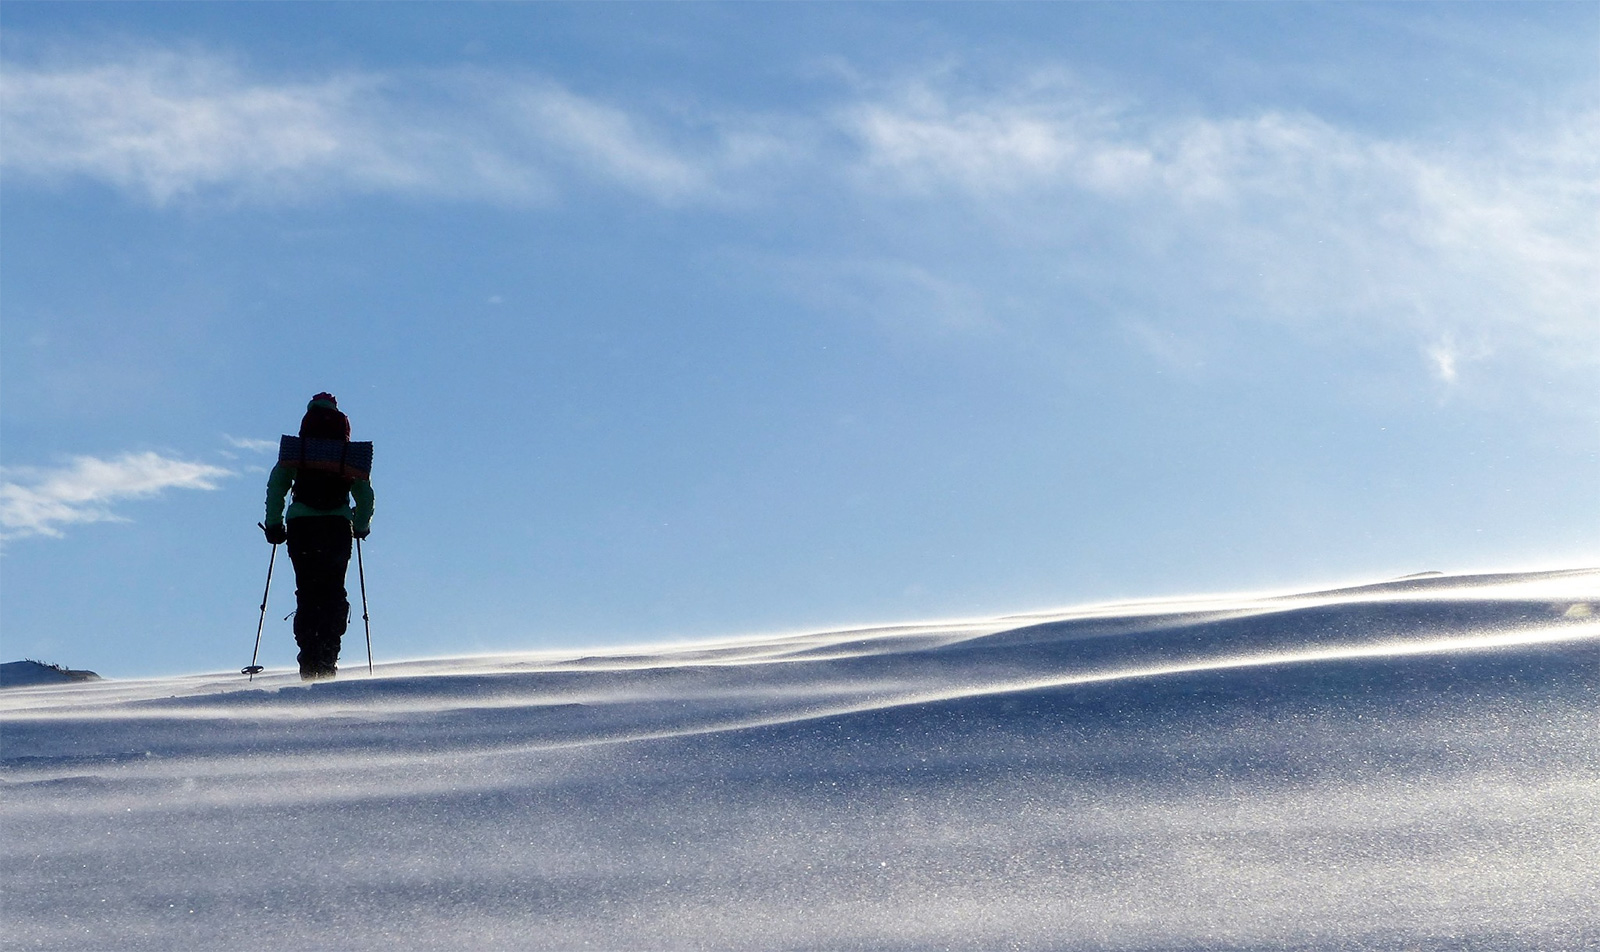 Boka en weekendresa till Storsätra Fjällhotell och åk skidor